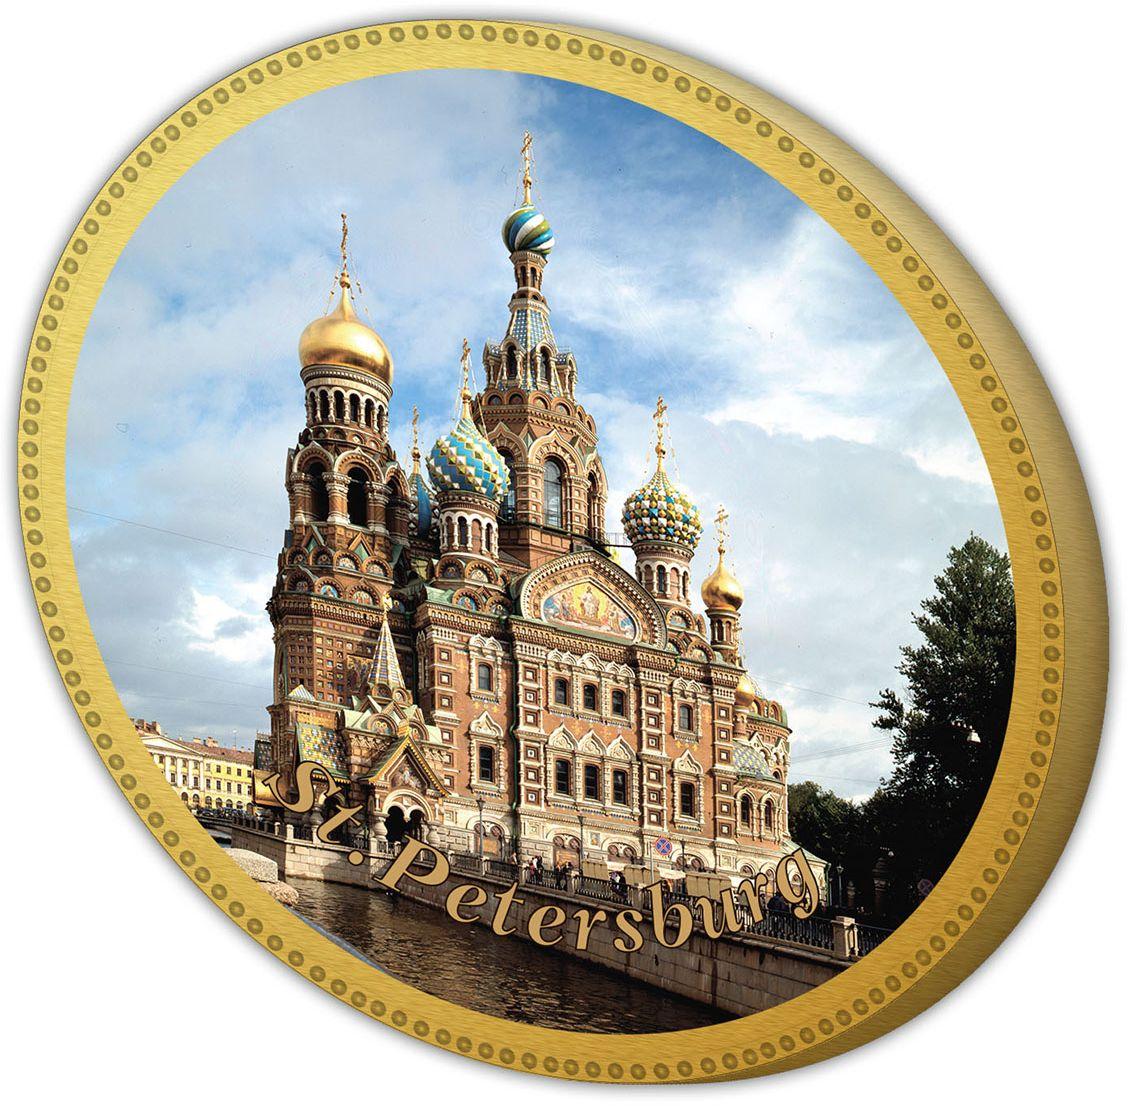 Дилан+ Шоколадная медаль Санкт-Петербург в ассортименте, 65 г karl fazer julia конфеты темный шоколад с ананасово абрикосовым мармеладом 350 г